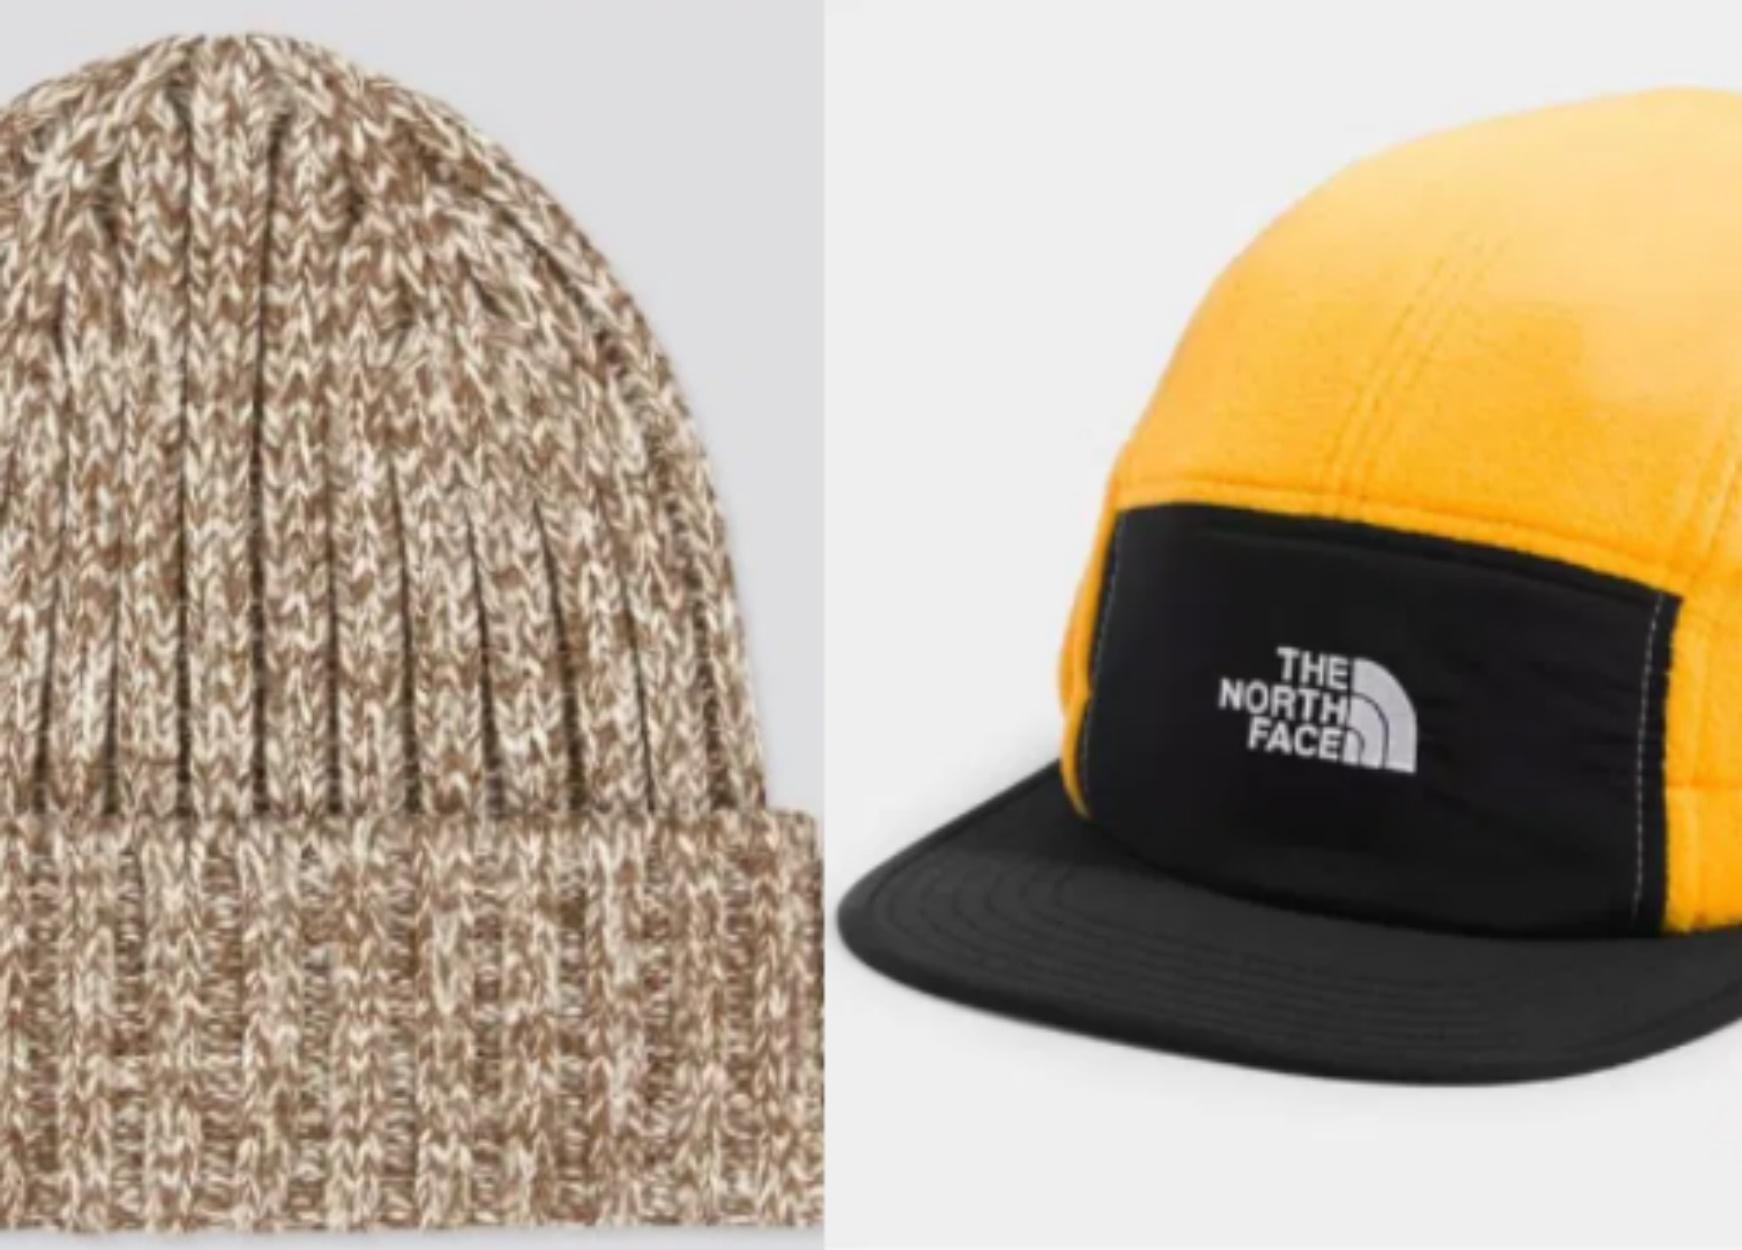 Τα 13 πιο ζεστά και στυλάτα καπέλα που κυκλοφορούν αυτή την στιγμή